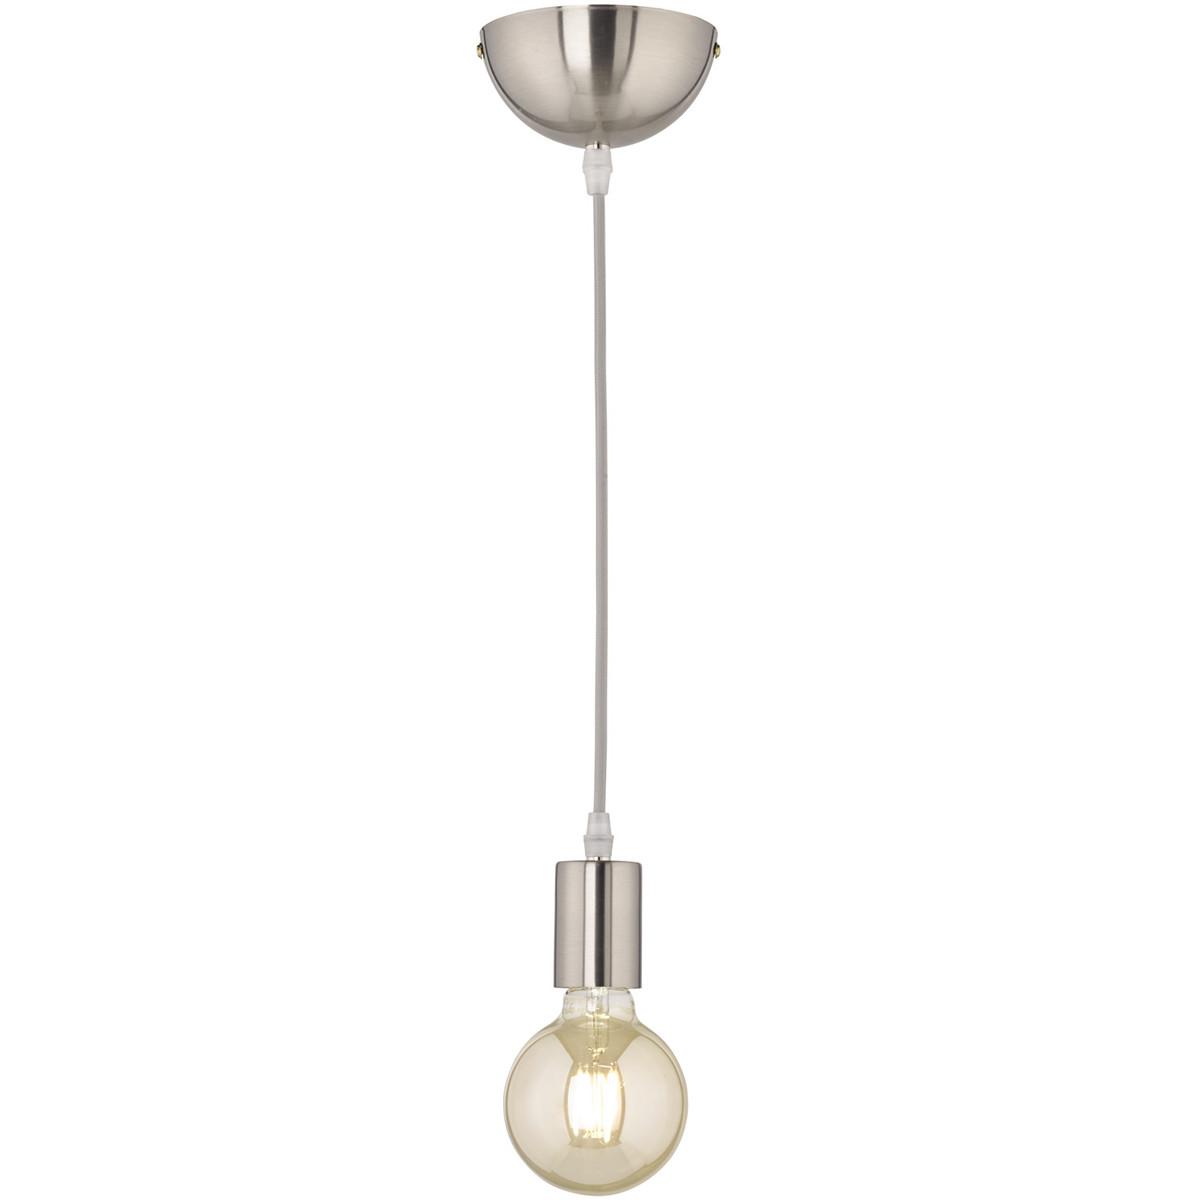 LED Hanglamp - Hangverlichting - Trion Cardino - E27 Fitting - 1-lichts - Rond - Mat Nikkel - Alumin